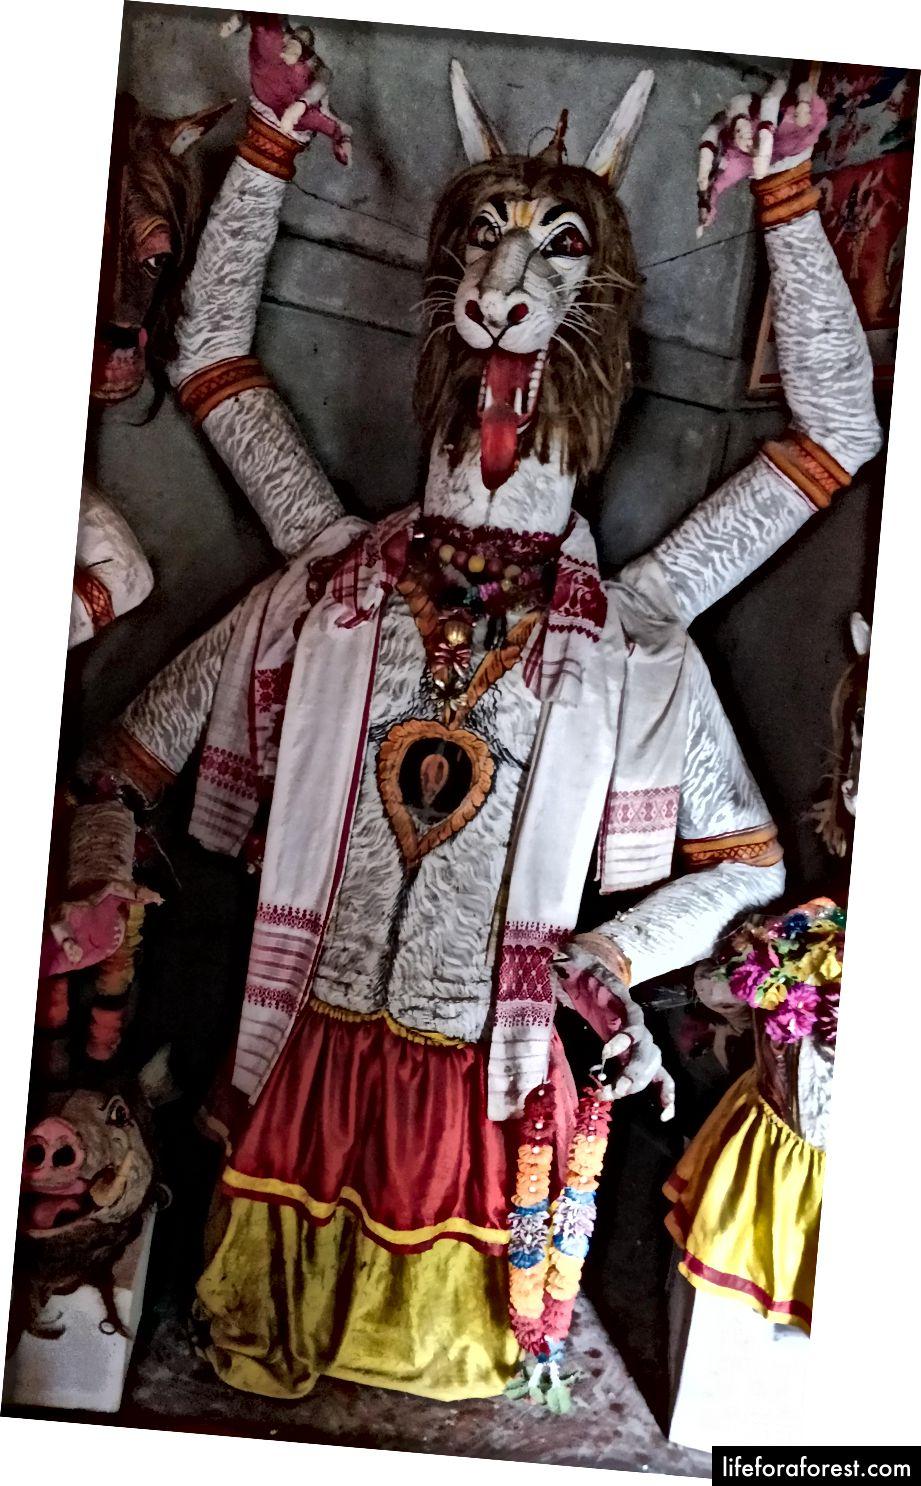 Một chiếc mặt nạ cao 6 feet của Narasimha, một hình đại diện của Chúa Vishnu.